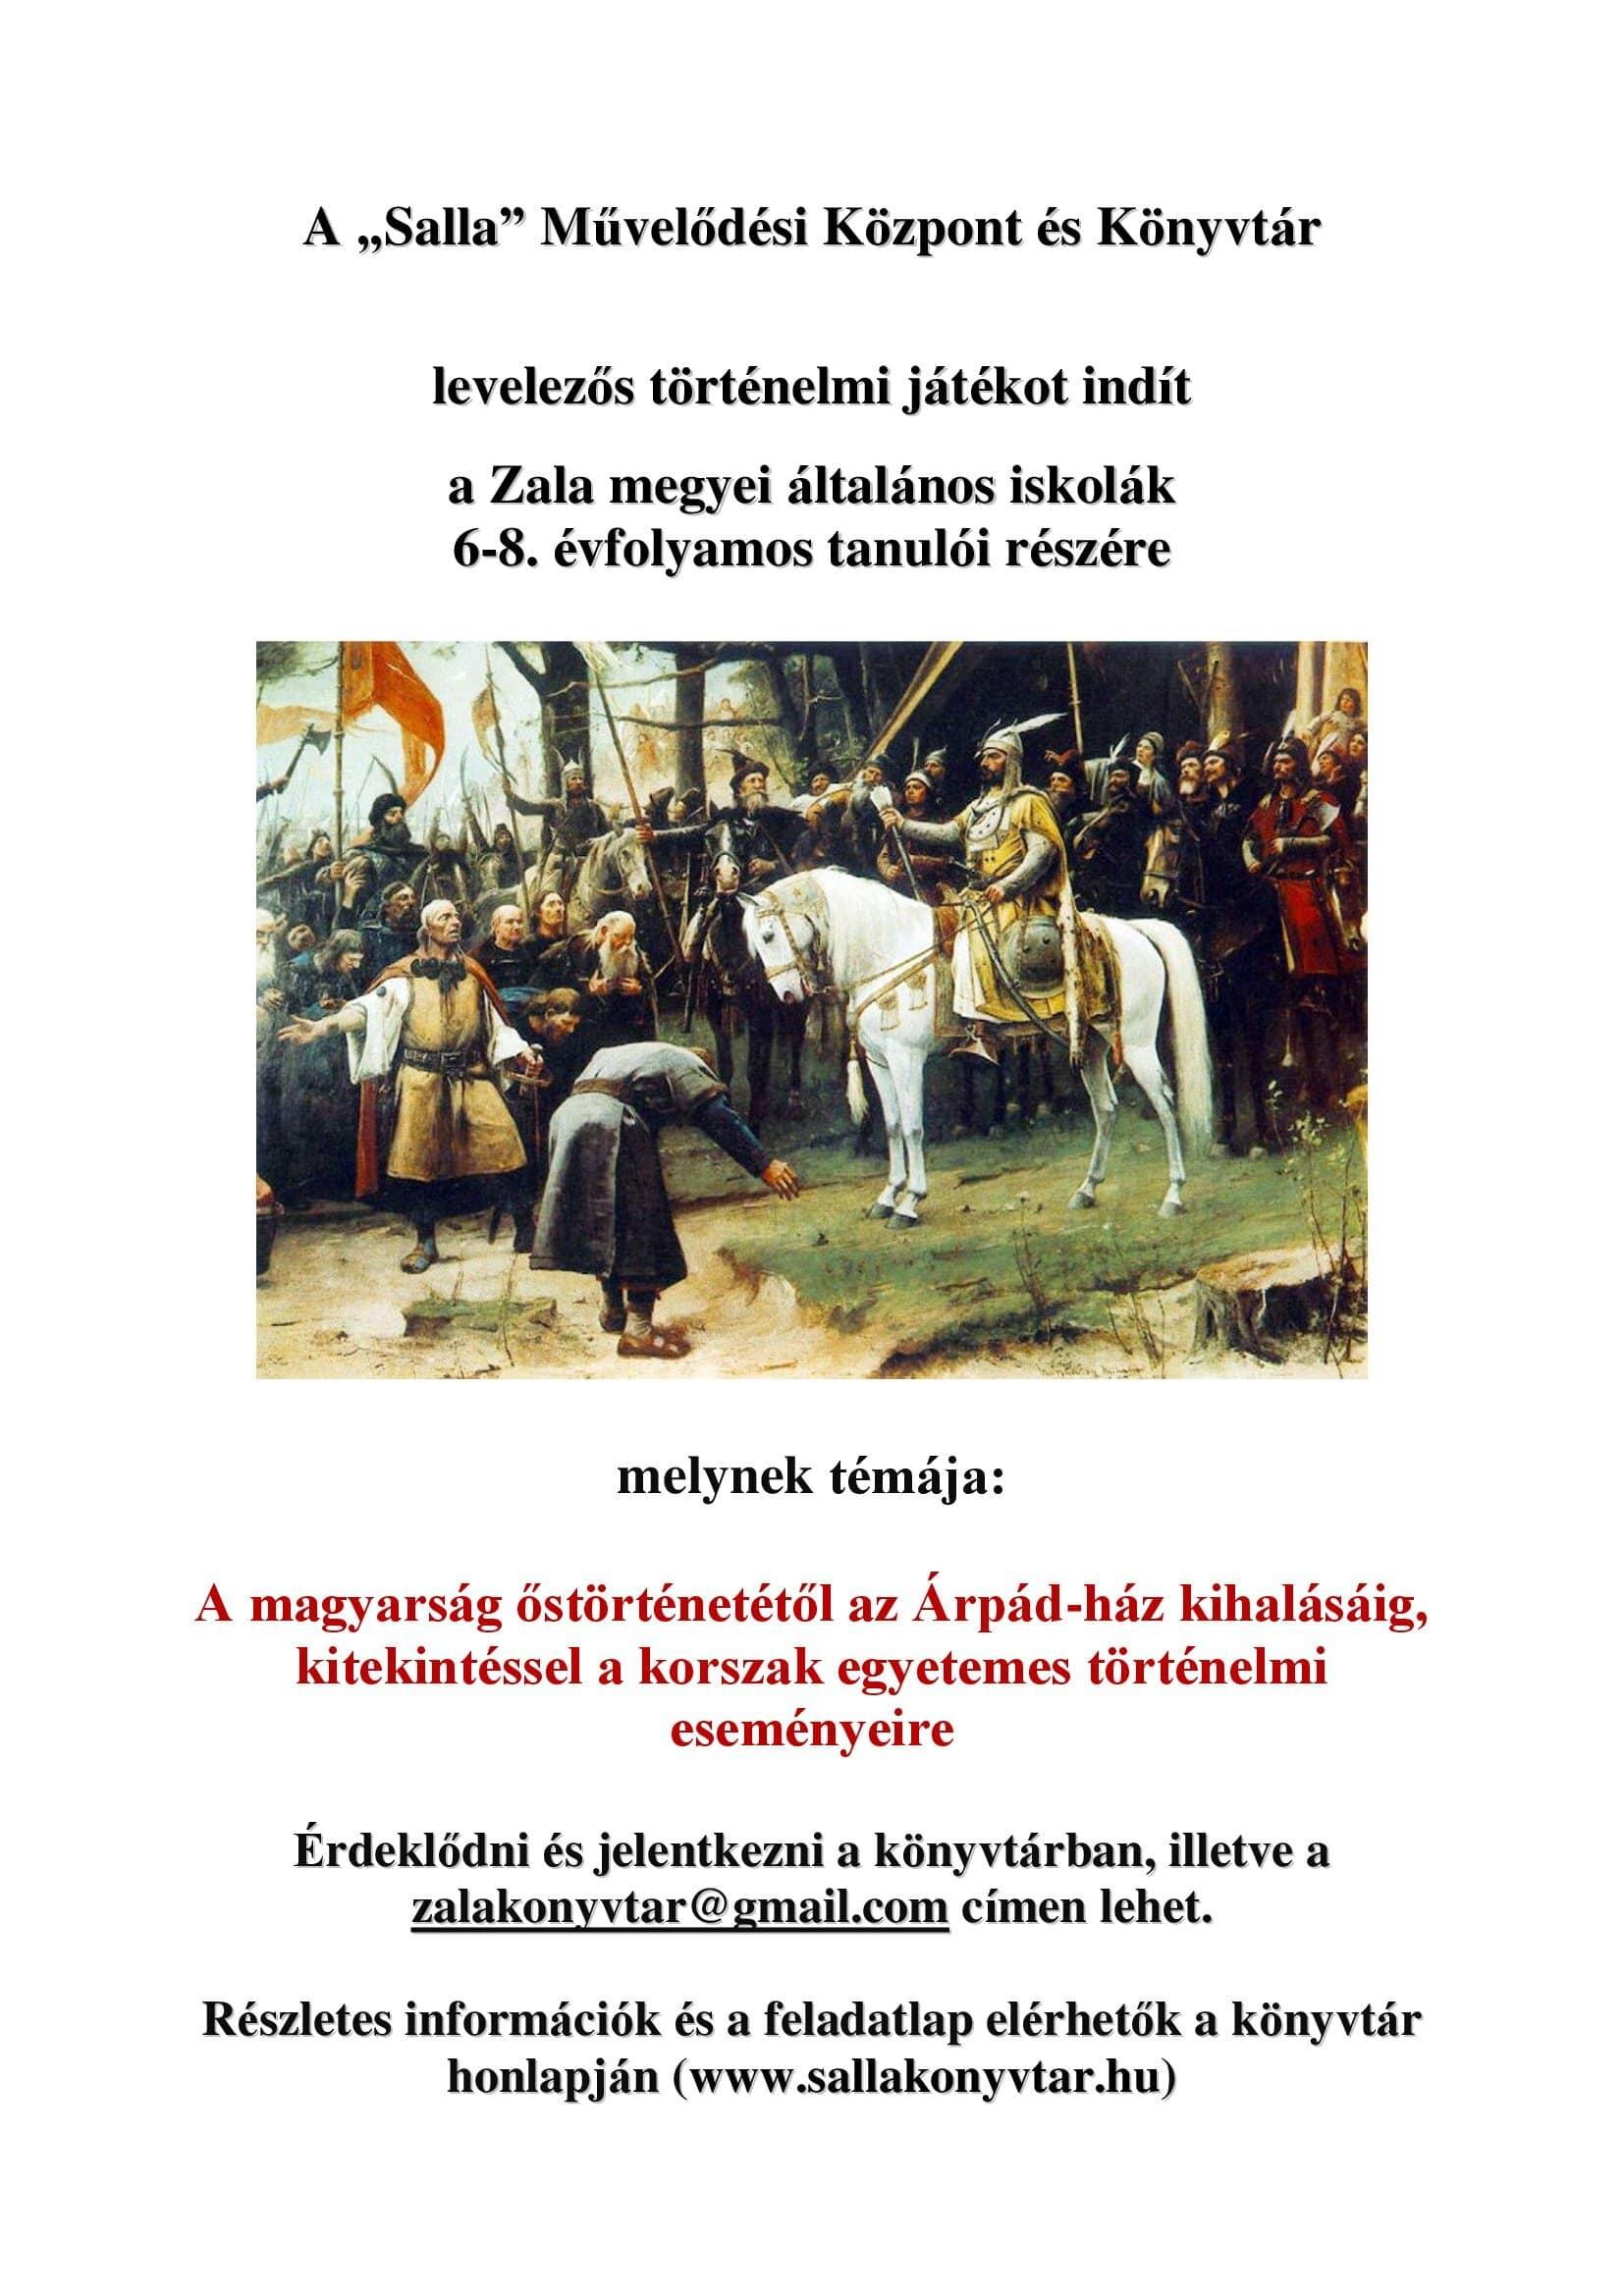 A magyarság őstörténetétől az Árpád-ház kihalásáig – történelmi játék